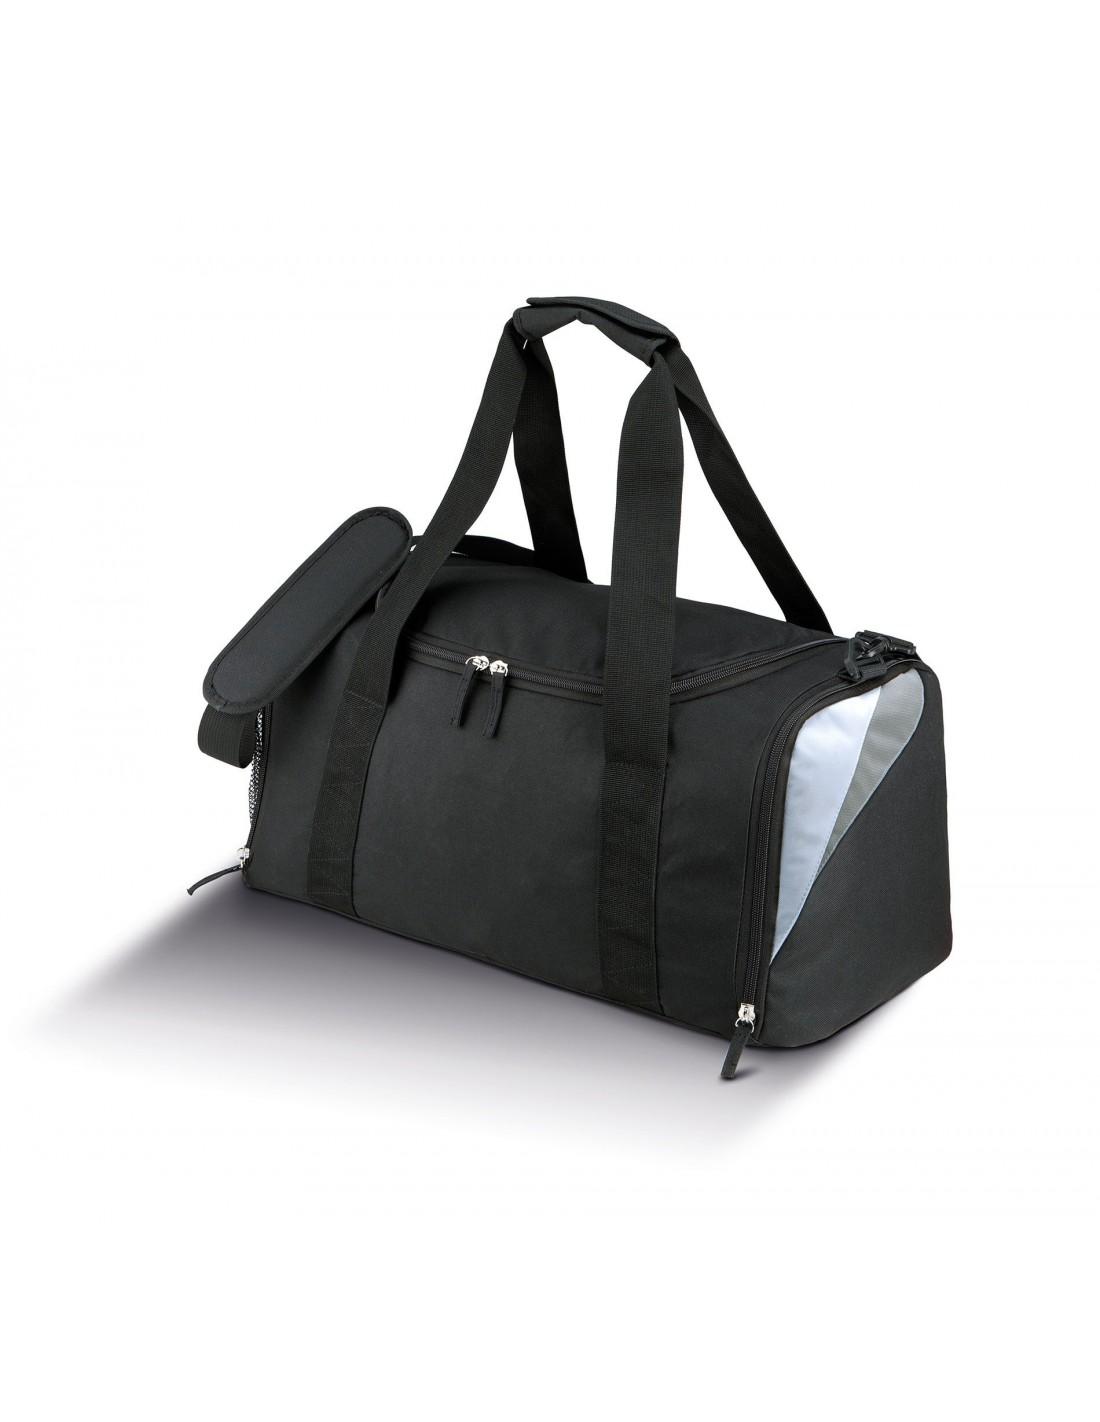 0a4a54bf9f0f4 Duża torba sportowa Kimood KI0616 z własnym nadrukiem